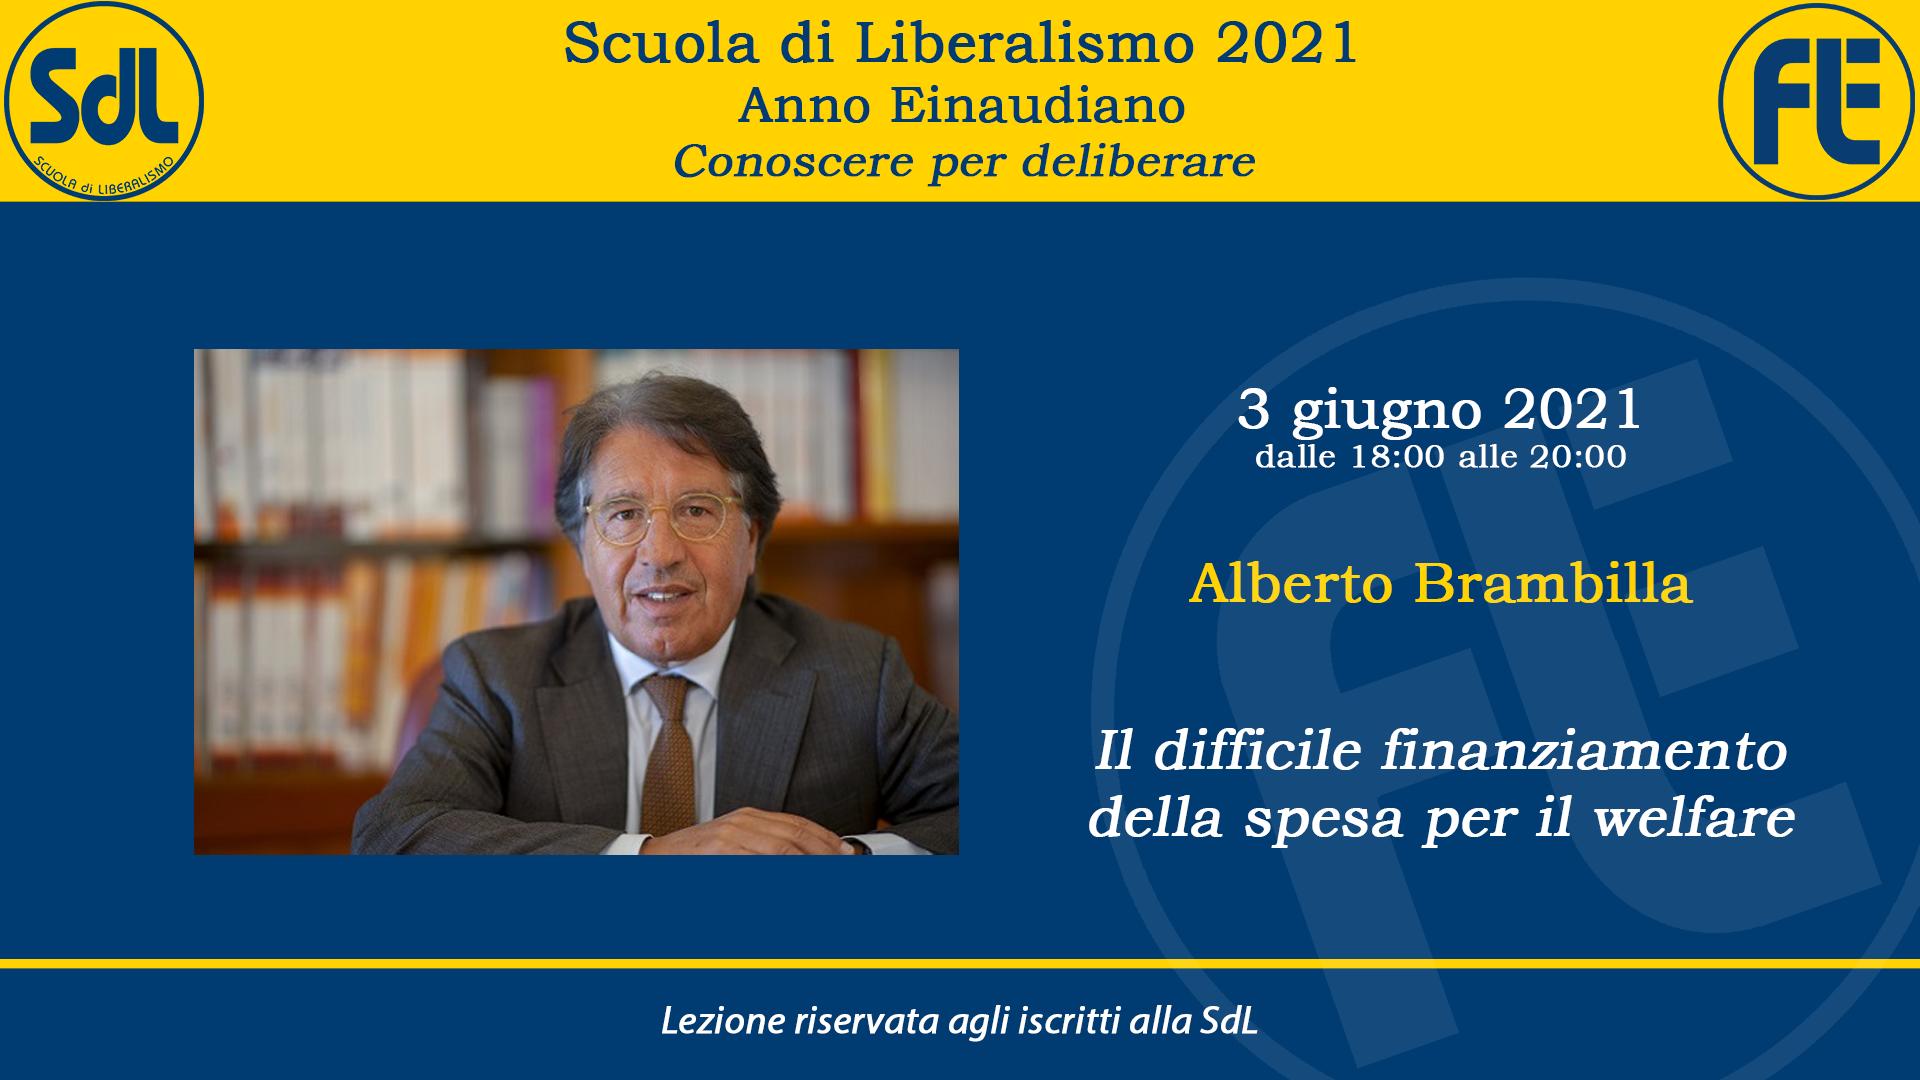 Scuola di Liberalismo 2021: 3 giugno lezione di Alberto Brambilla